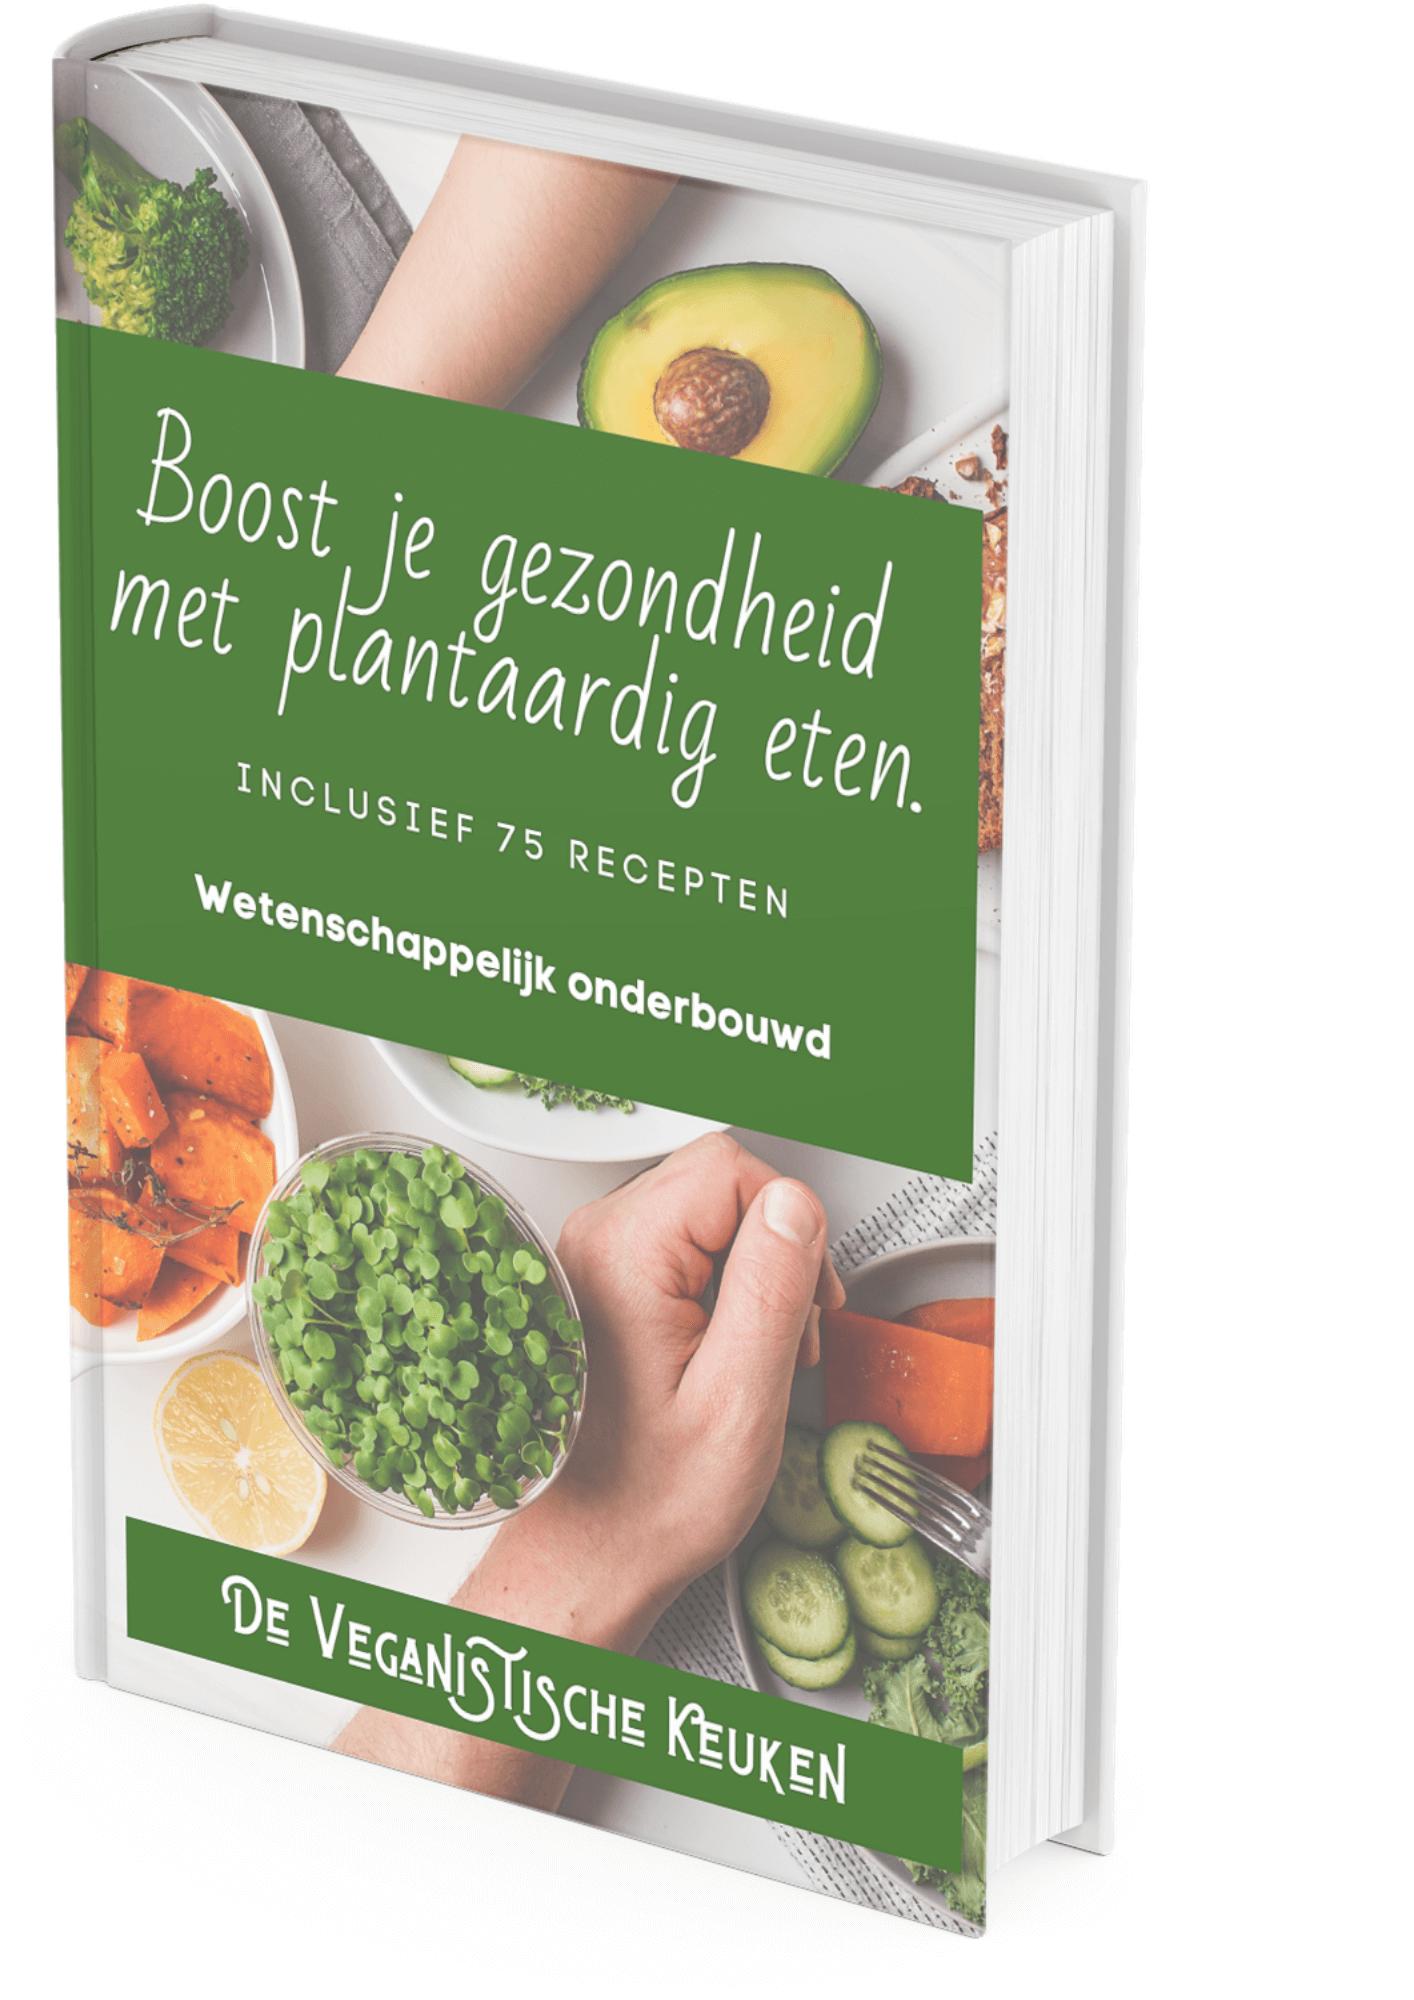 Boost je gezondheid met plantaardig eten